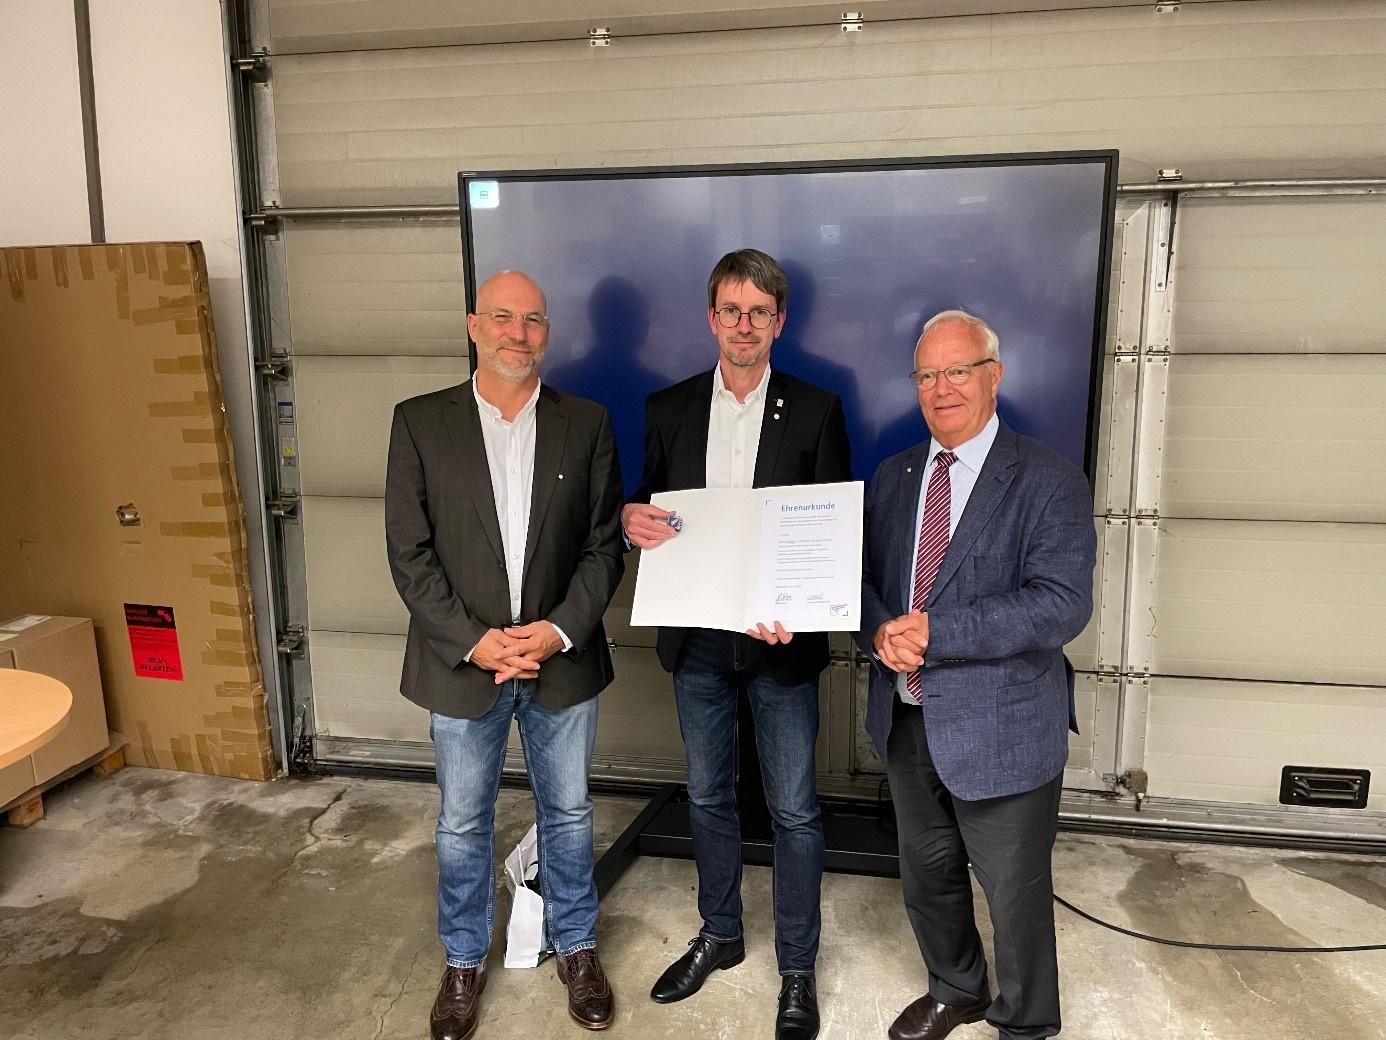 Gewerbeverband Rosenheim gratuliert!